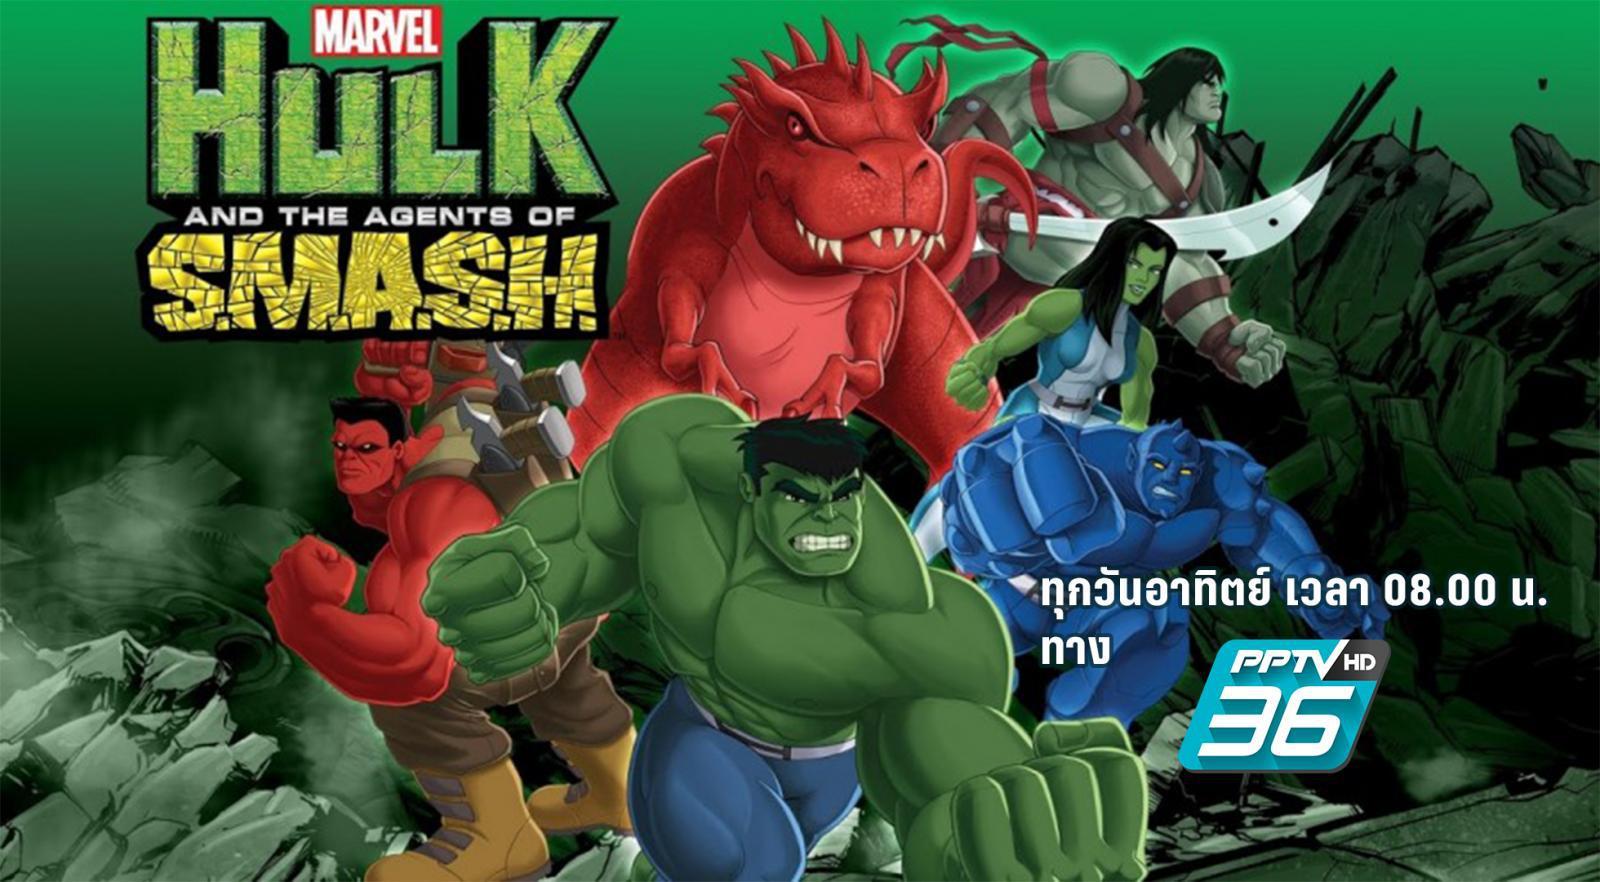 Marvel HQ: Hulk and the Agents of S.M.A.S.H. ฮัลค์และเหล่าผู้พิทักษ์จอมพลัง